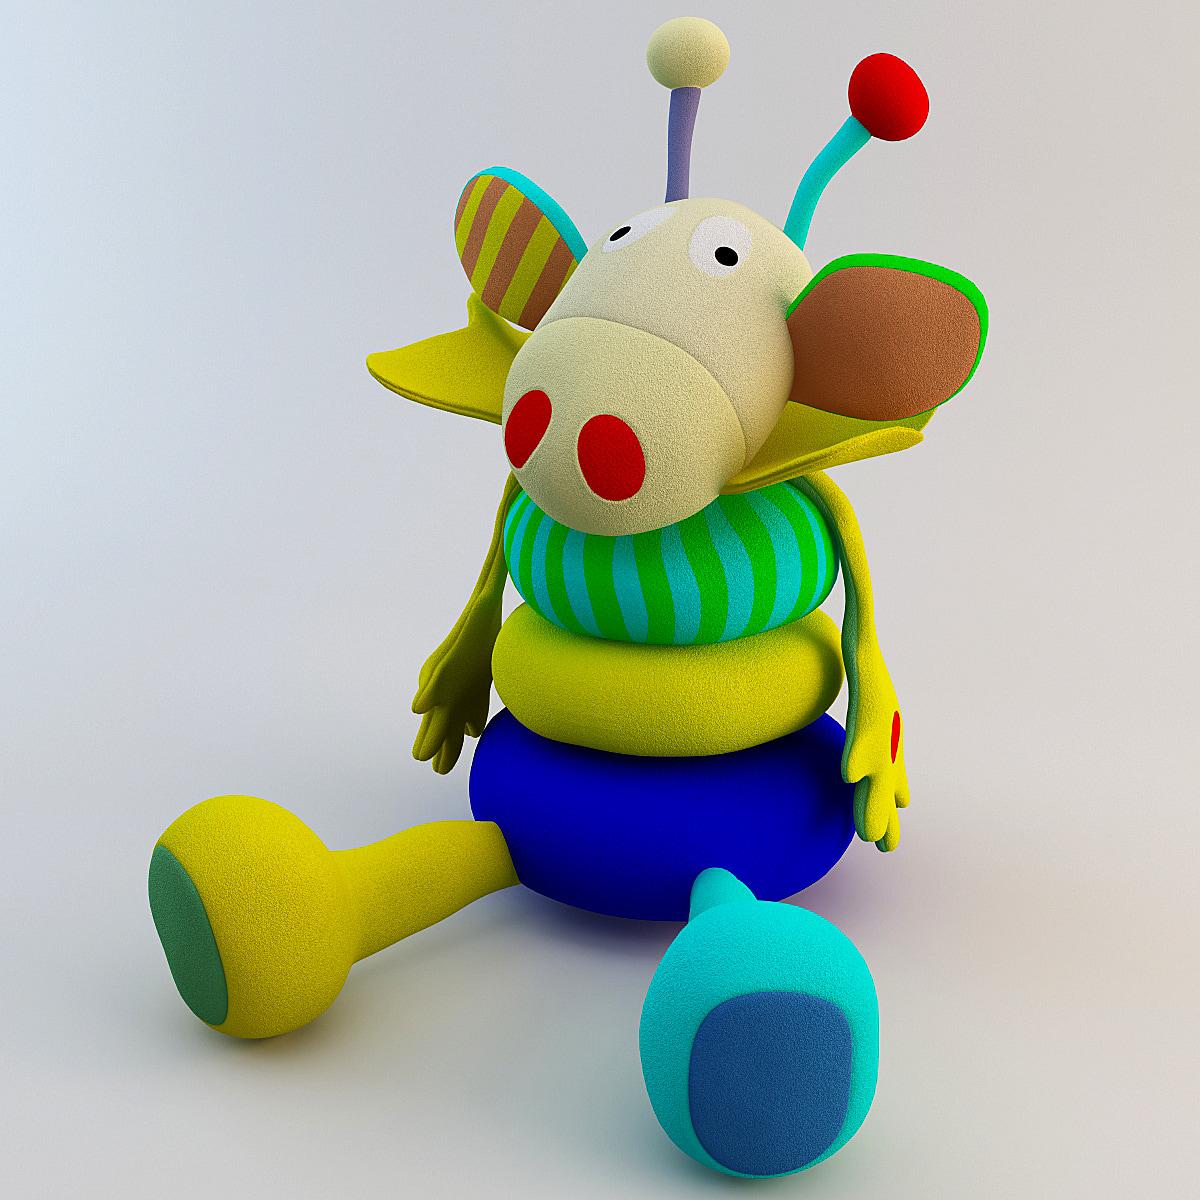 Toy_v4_002.jpg